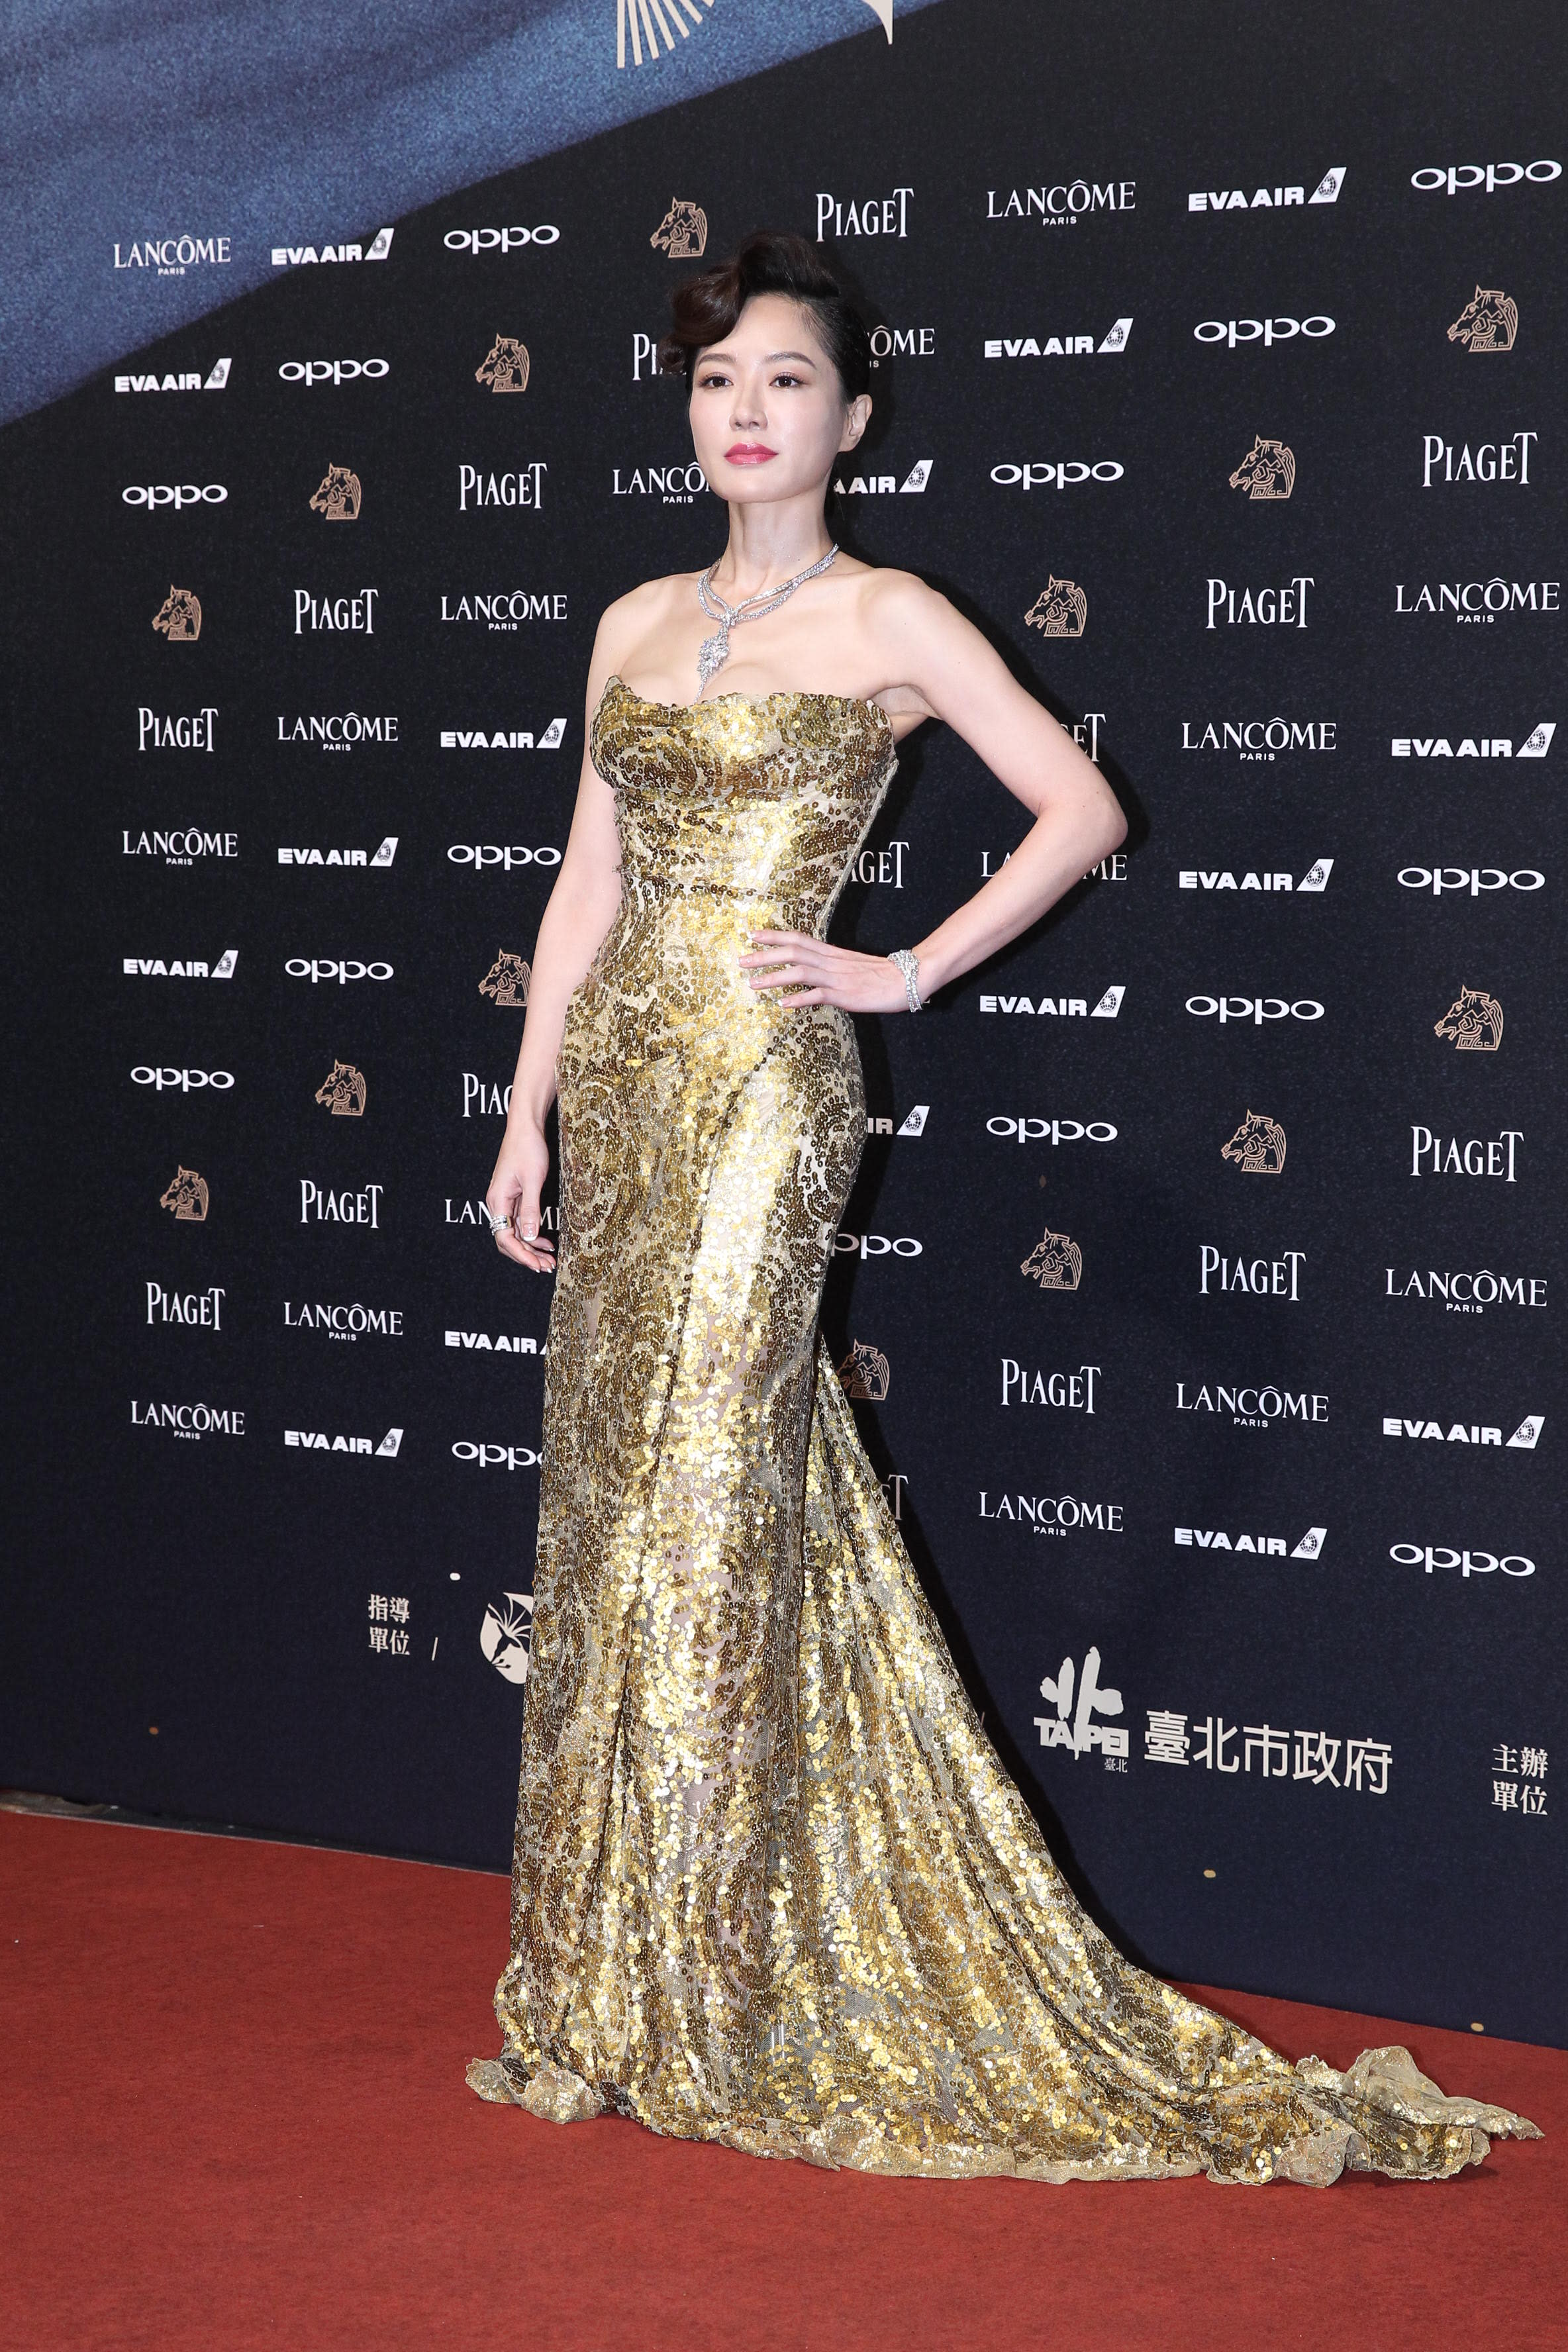 <p>金鐘獎影后尹馨,第54屆金馬獎憑《川流之島》入圍最佳女主角。受訪時談到身上的金色性感禮服,她表示:「因為金馬奔騰,所以我特別選了金色在身上。」(達志影像) </p>